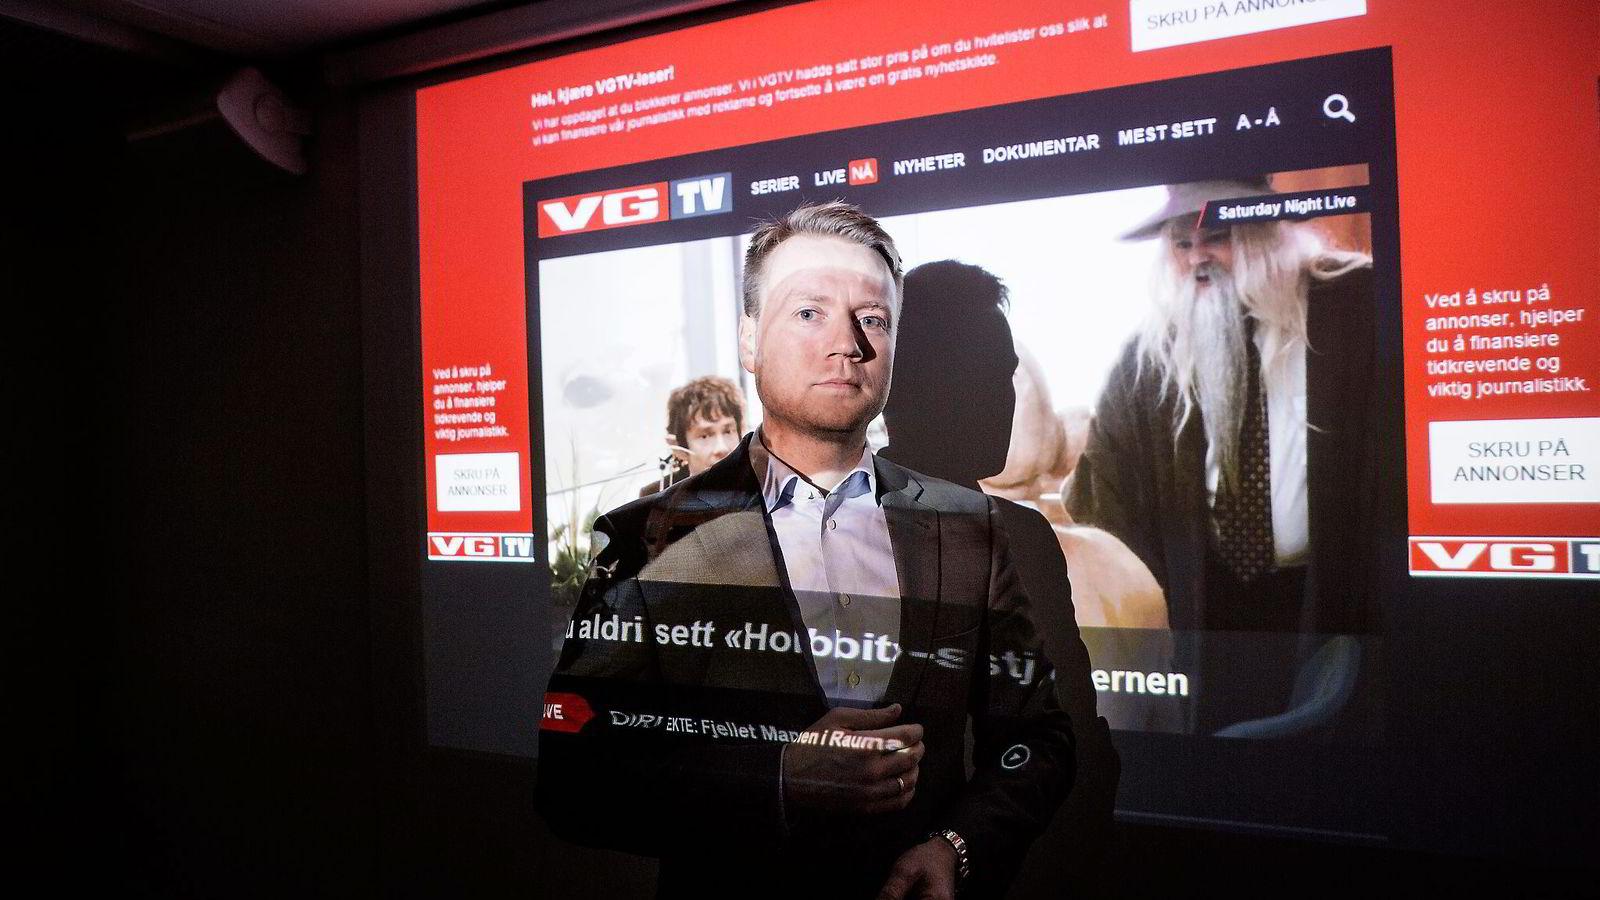 Daglig leder Per Øivind Skard i Mediehuset Tek opplevde at effekten av å be brukerne pent om å slå av annonseblokkering hadde motsatt hensikt. Her står han foran VGTVs nettside med annonseblokkeringsverktøy påslått. Foto: Fredrik Bjerknes